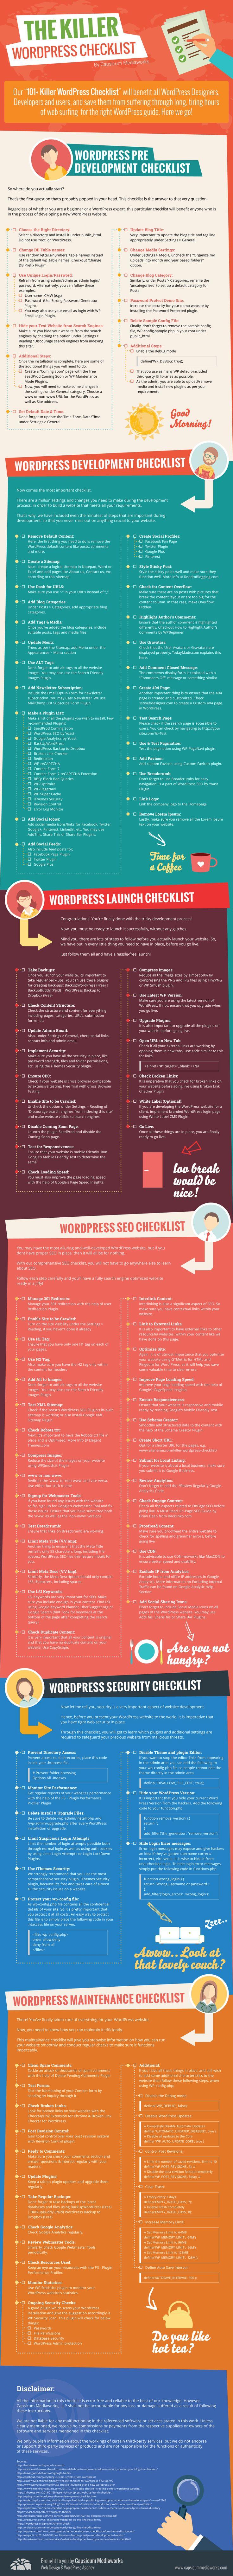 wordpress checklist infographic